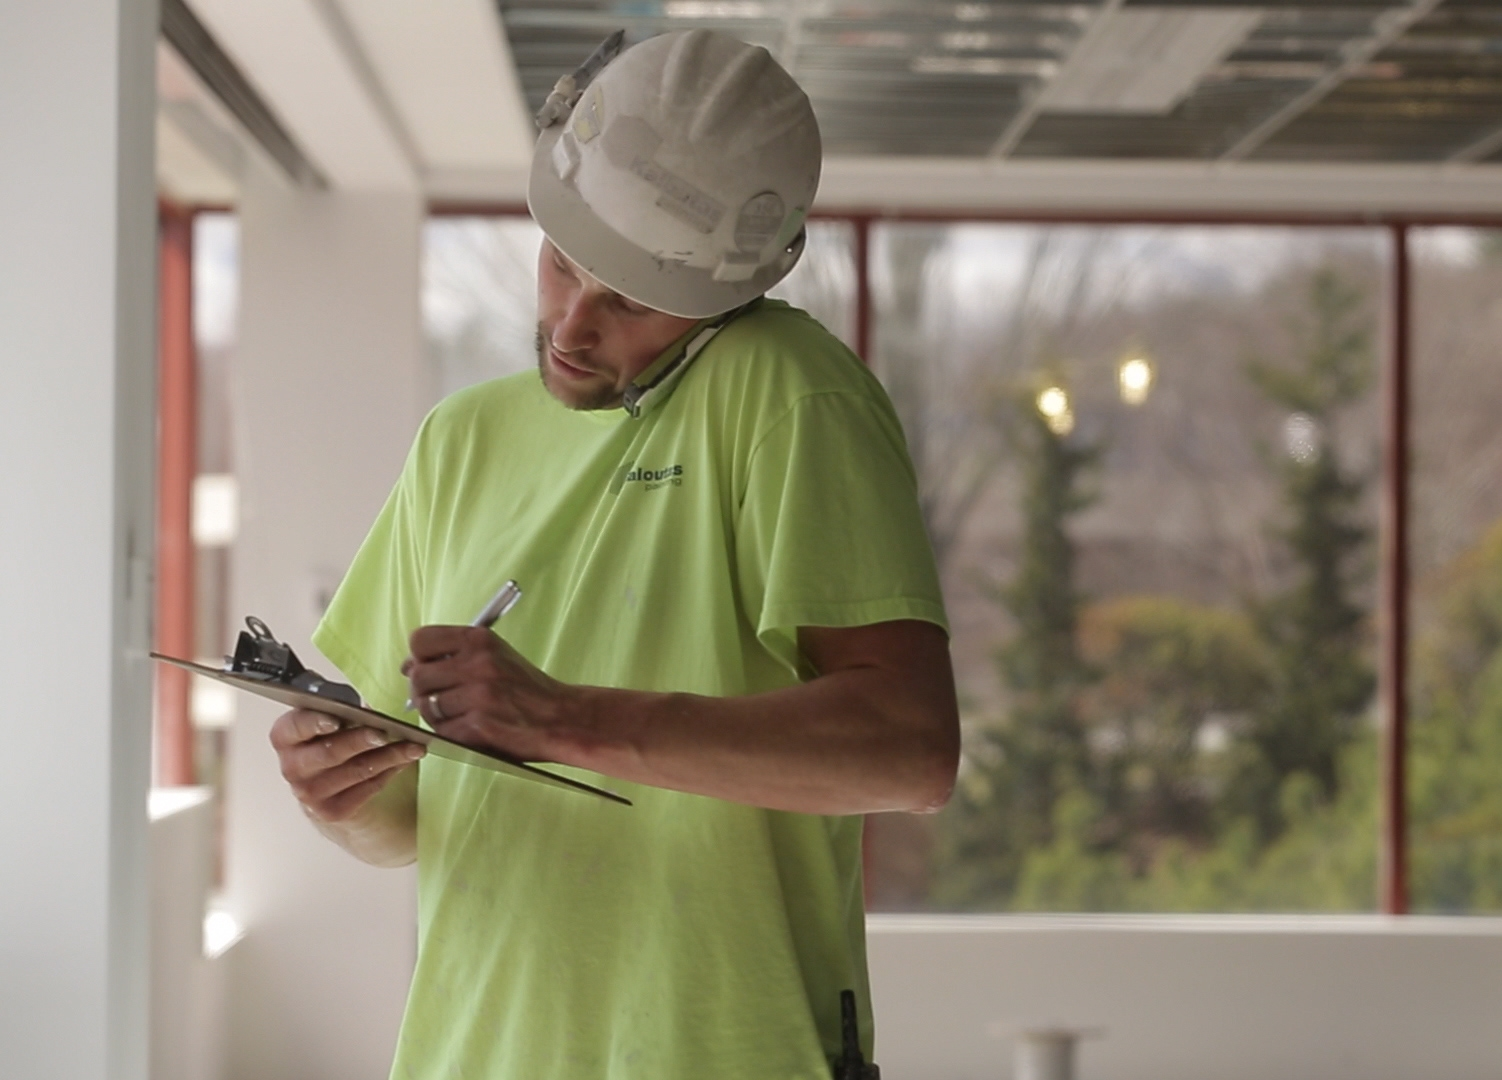 foreman on cell.05_46_06_15.Still002.jpg